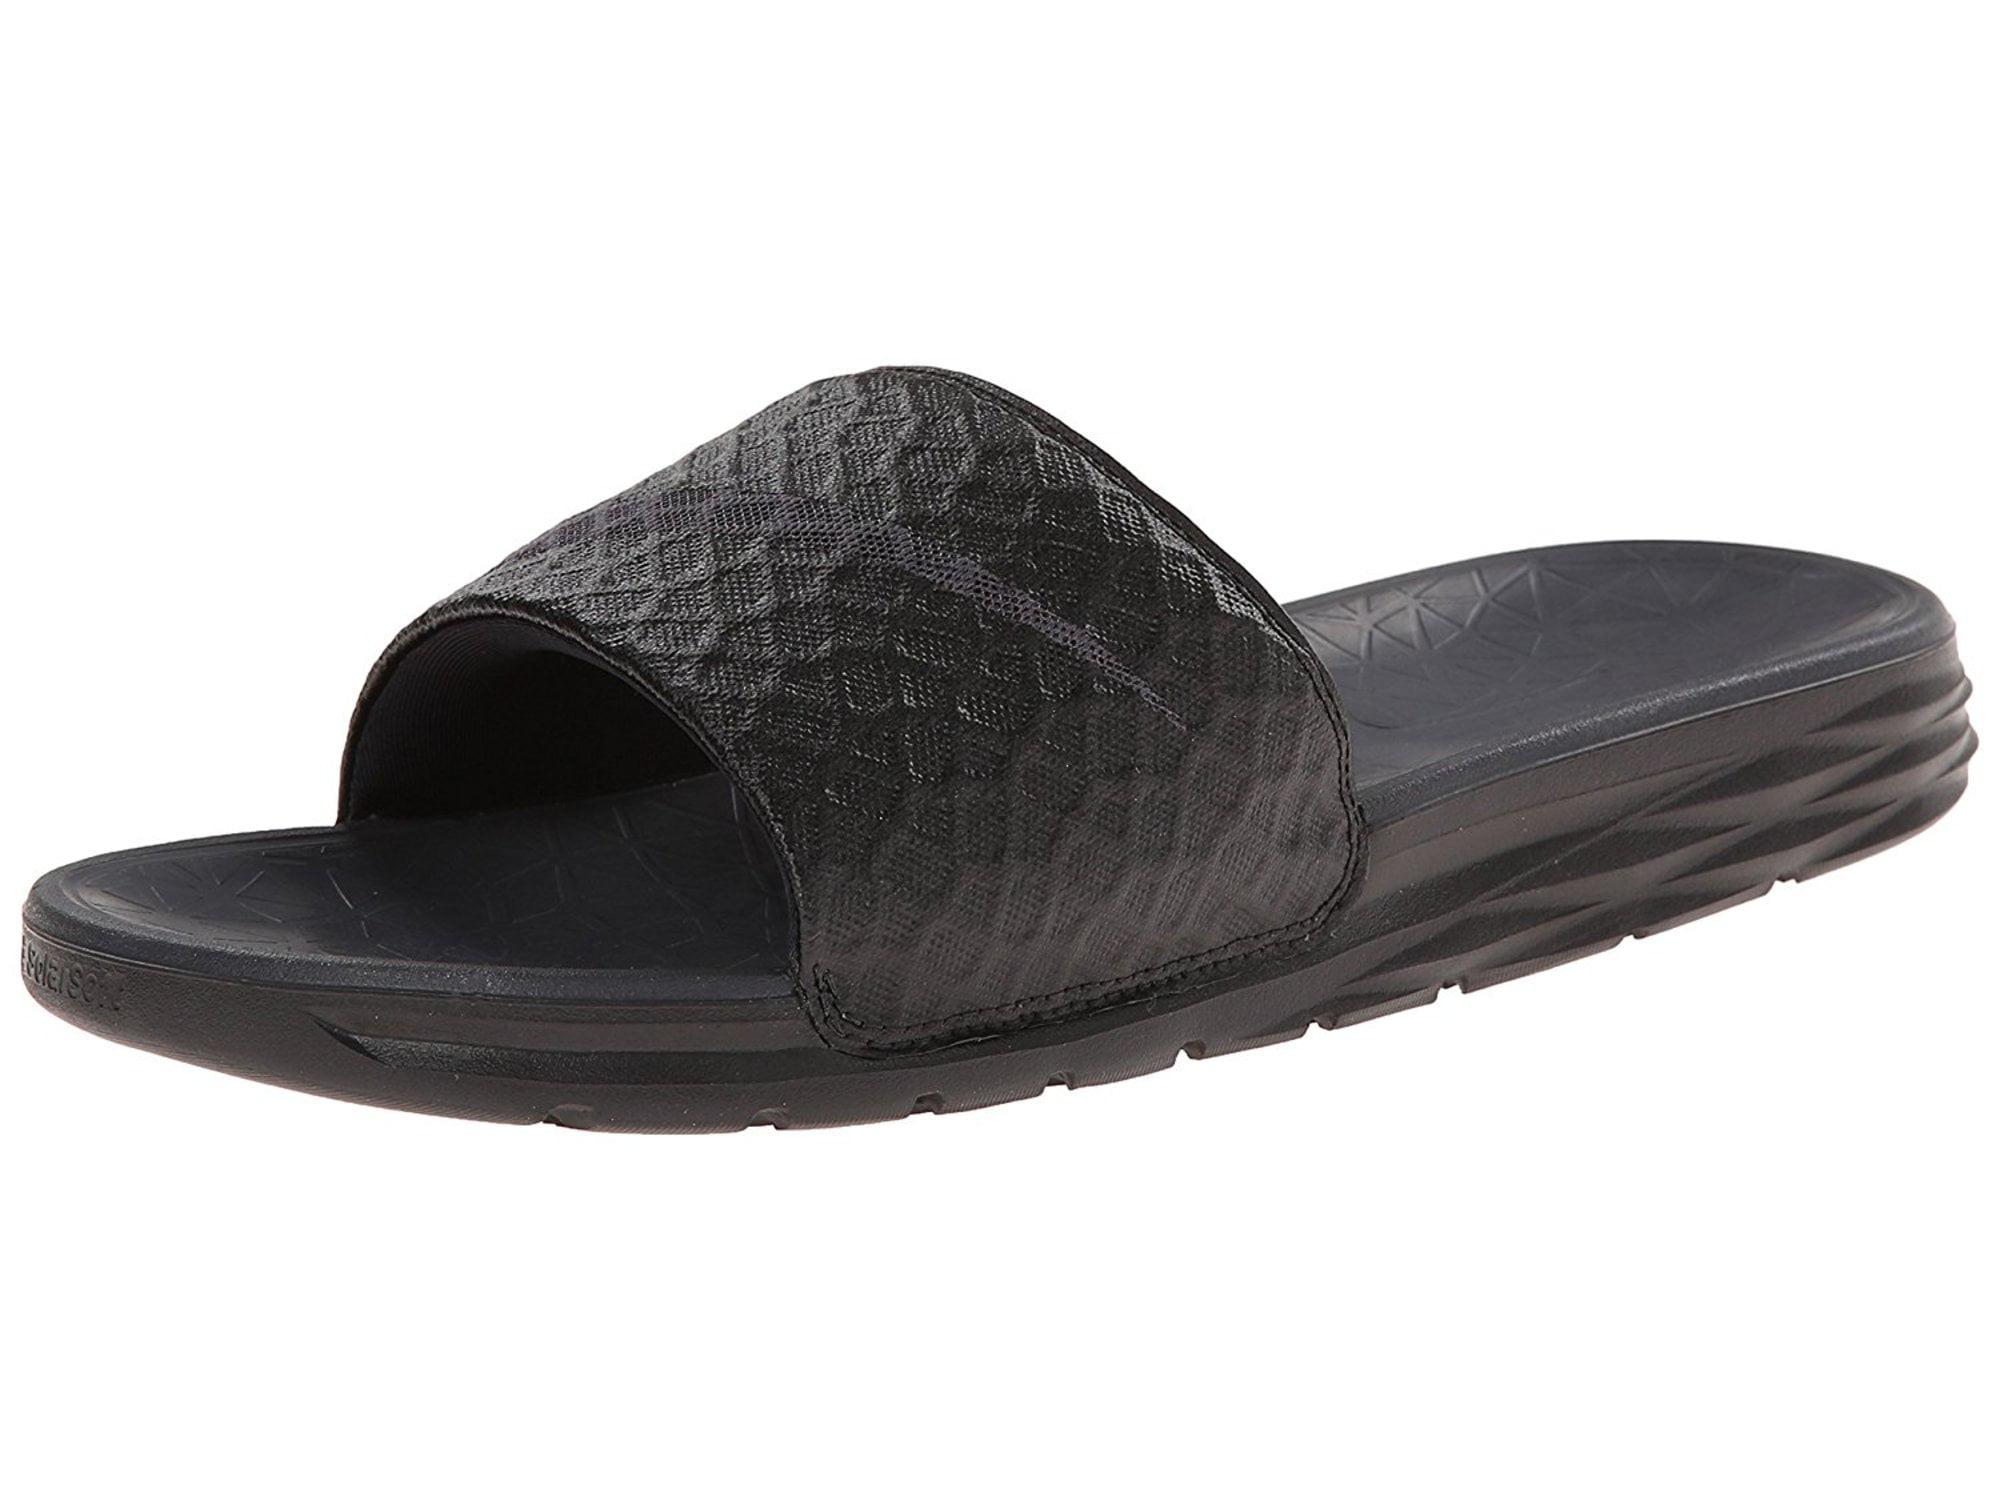 NIKE Men's Benassi Solarsoft Slide